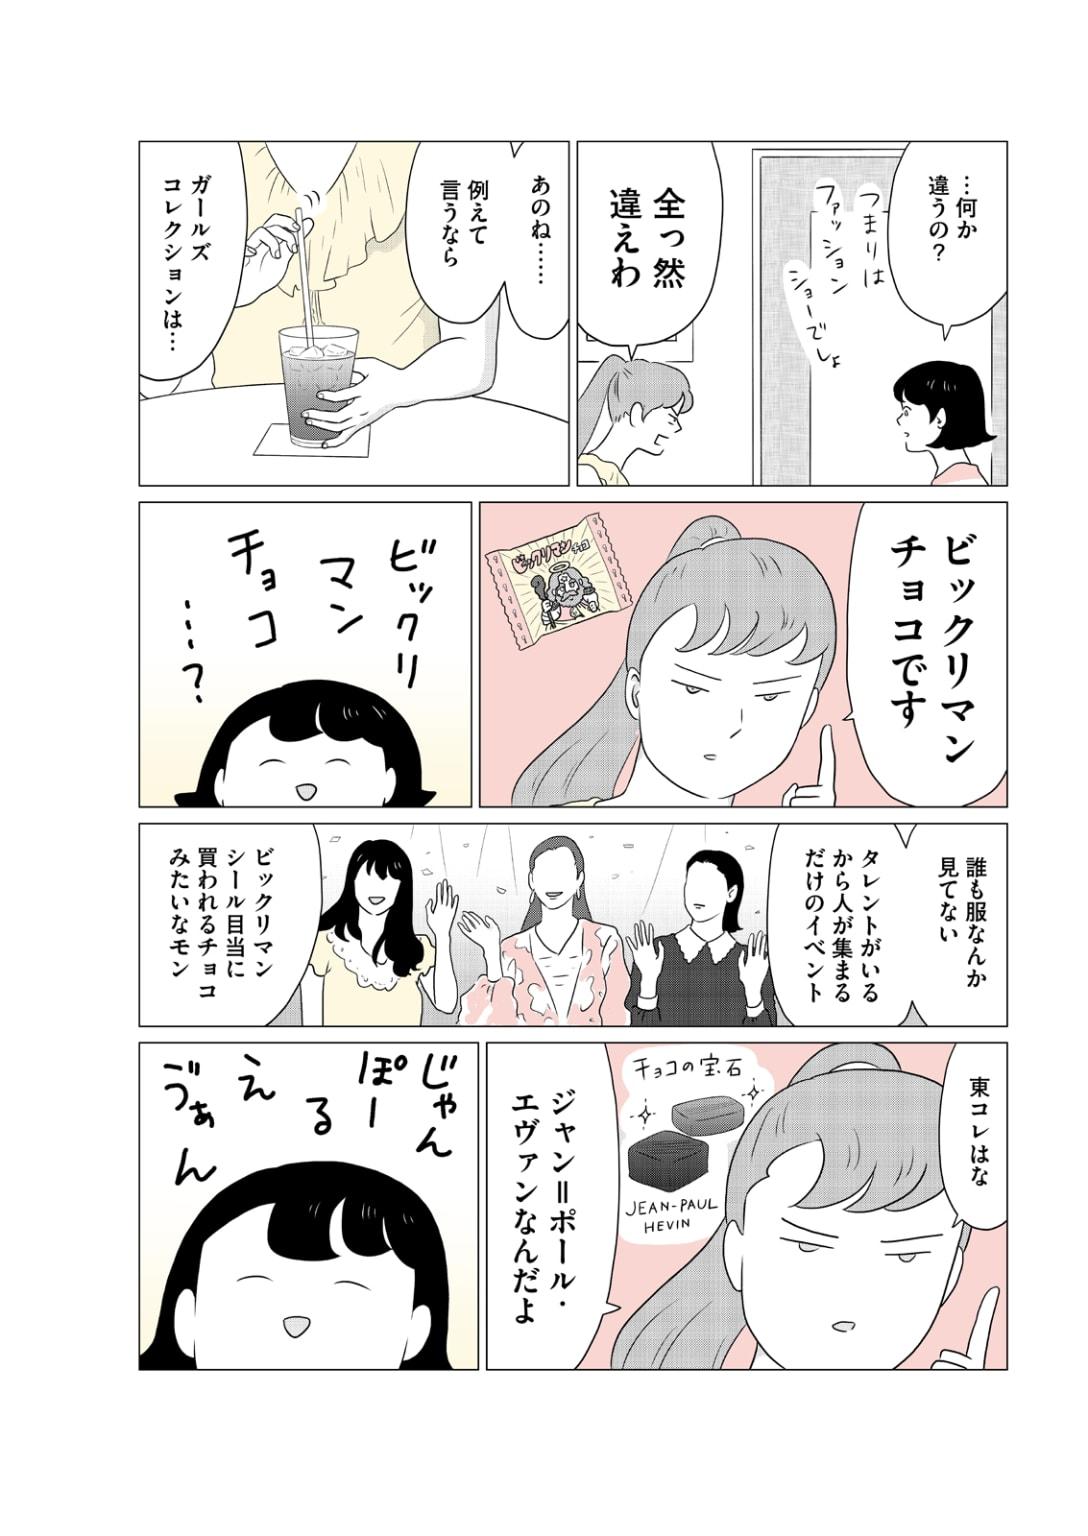 第3話「東京ガールズコレクション」と「東京ファッションウィーク」の違いを説明するシーン ©︎はるな檸檬/文藝春秋